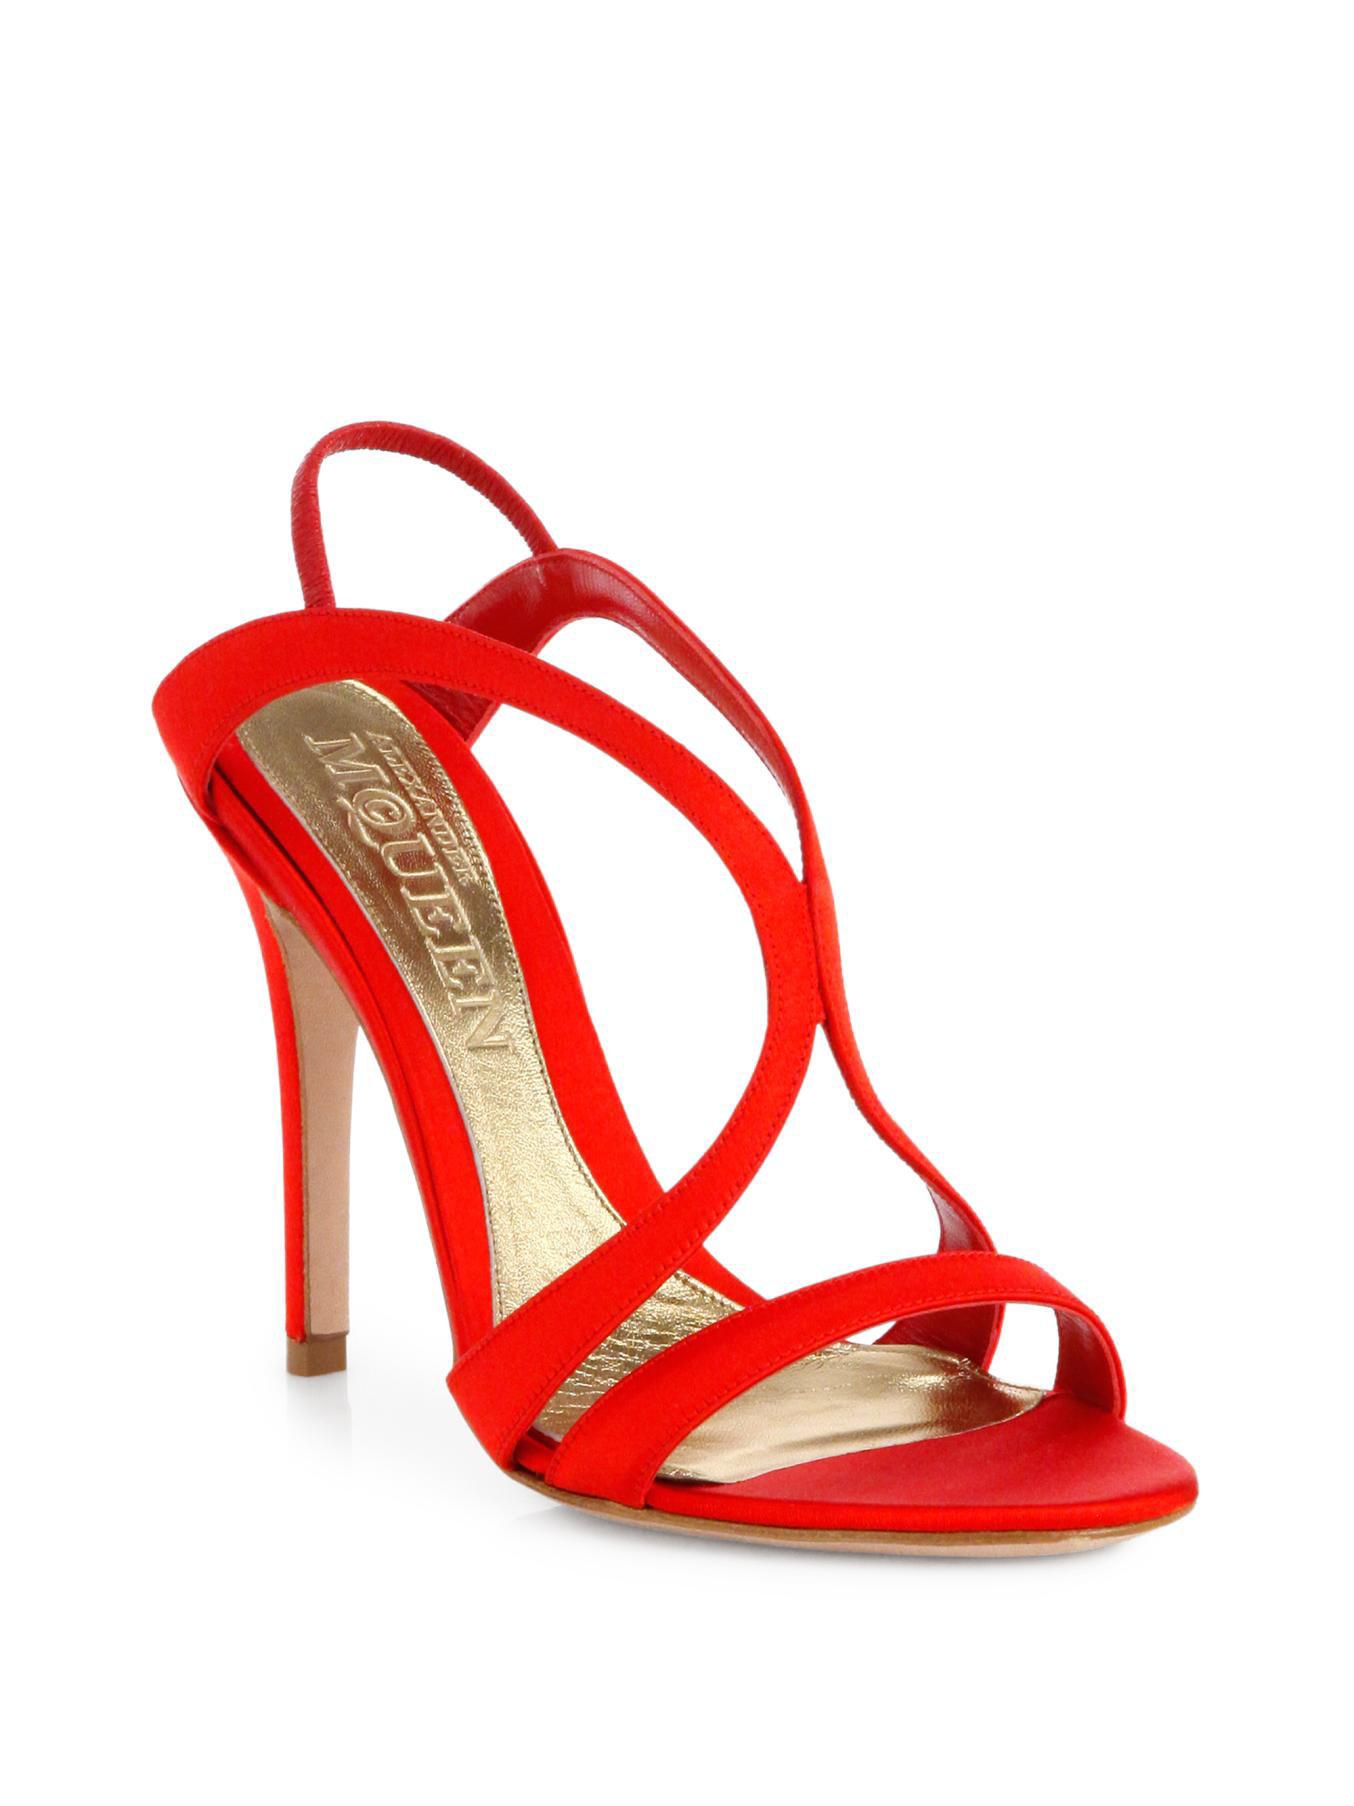 Alexander Mcqueen Satin Strappy Sandals In Red Lyst